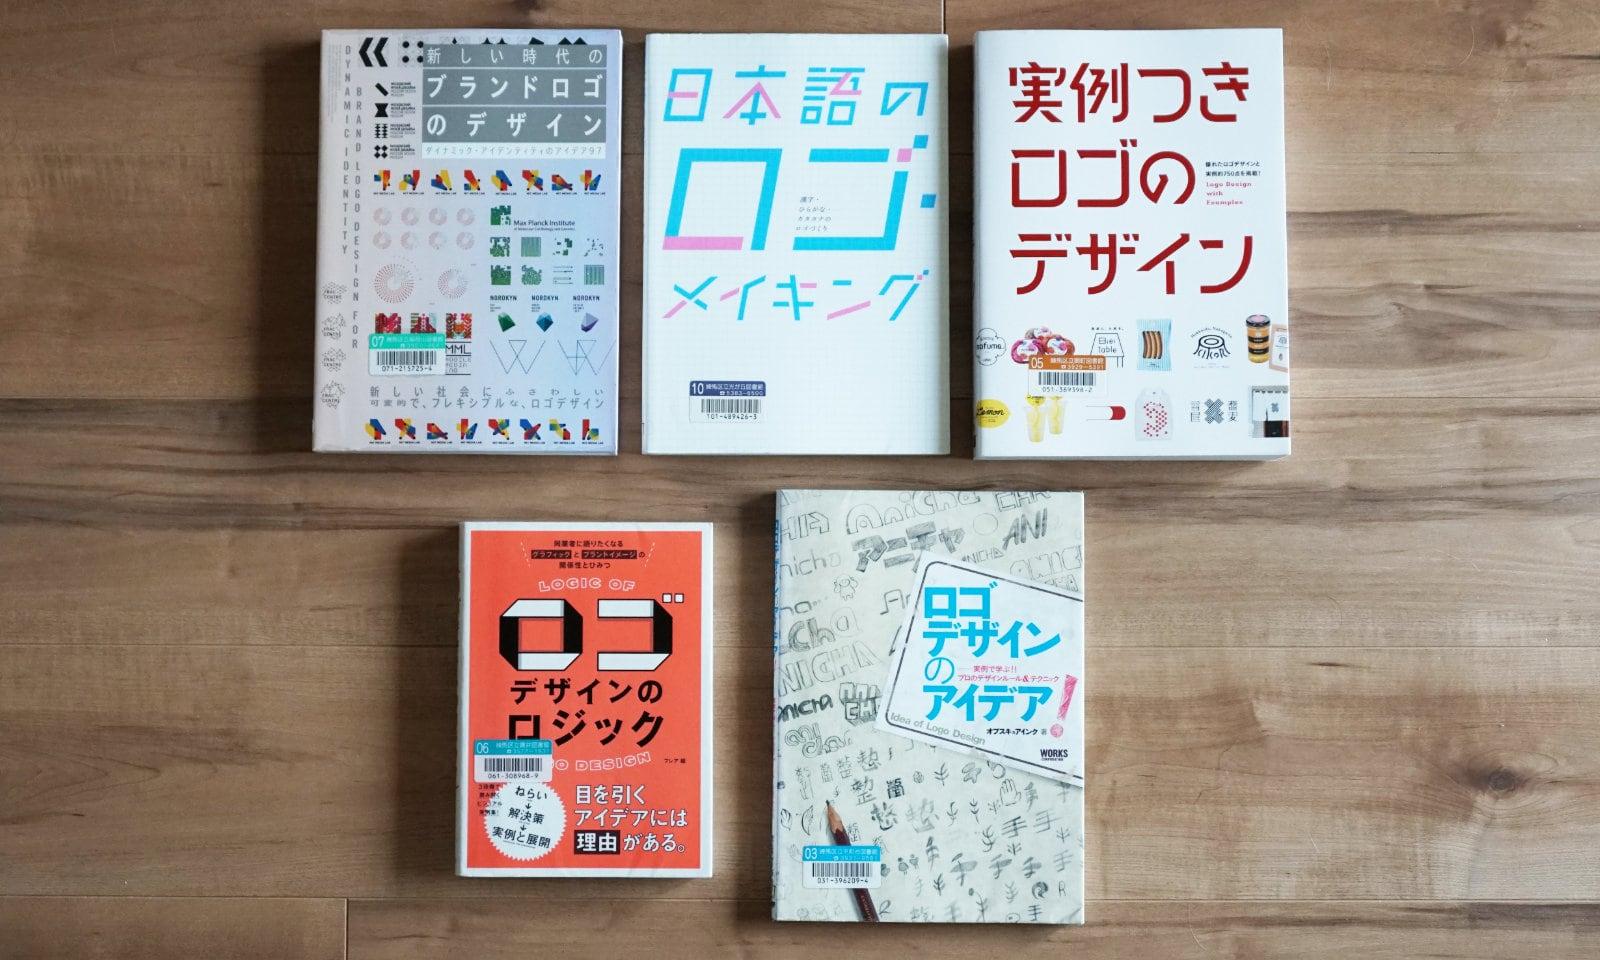 5冊の表紙を並べて撮影した写真